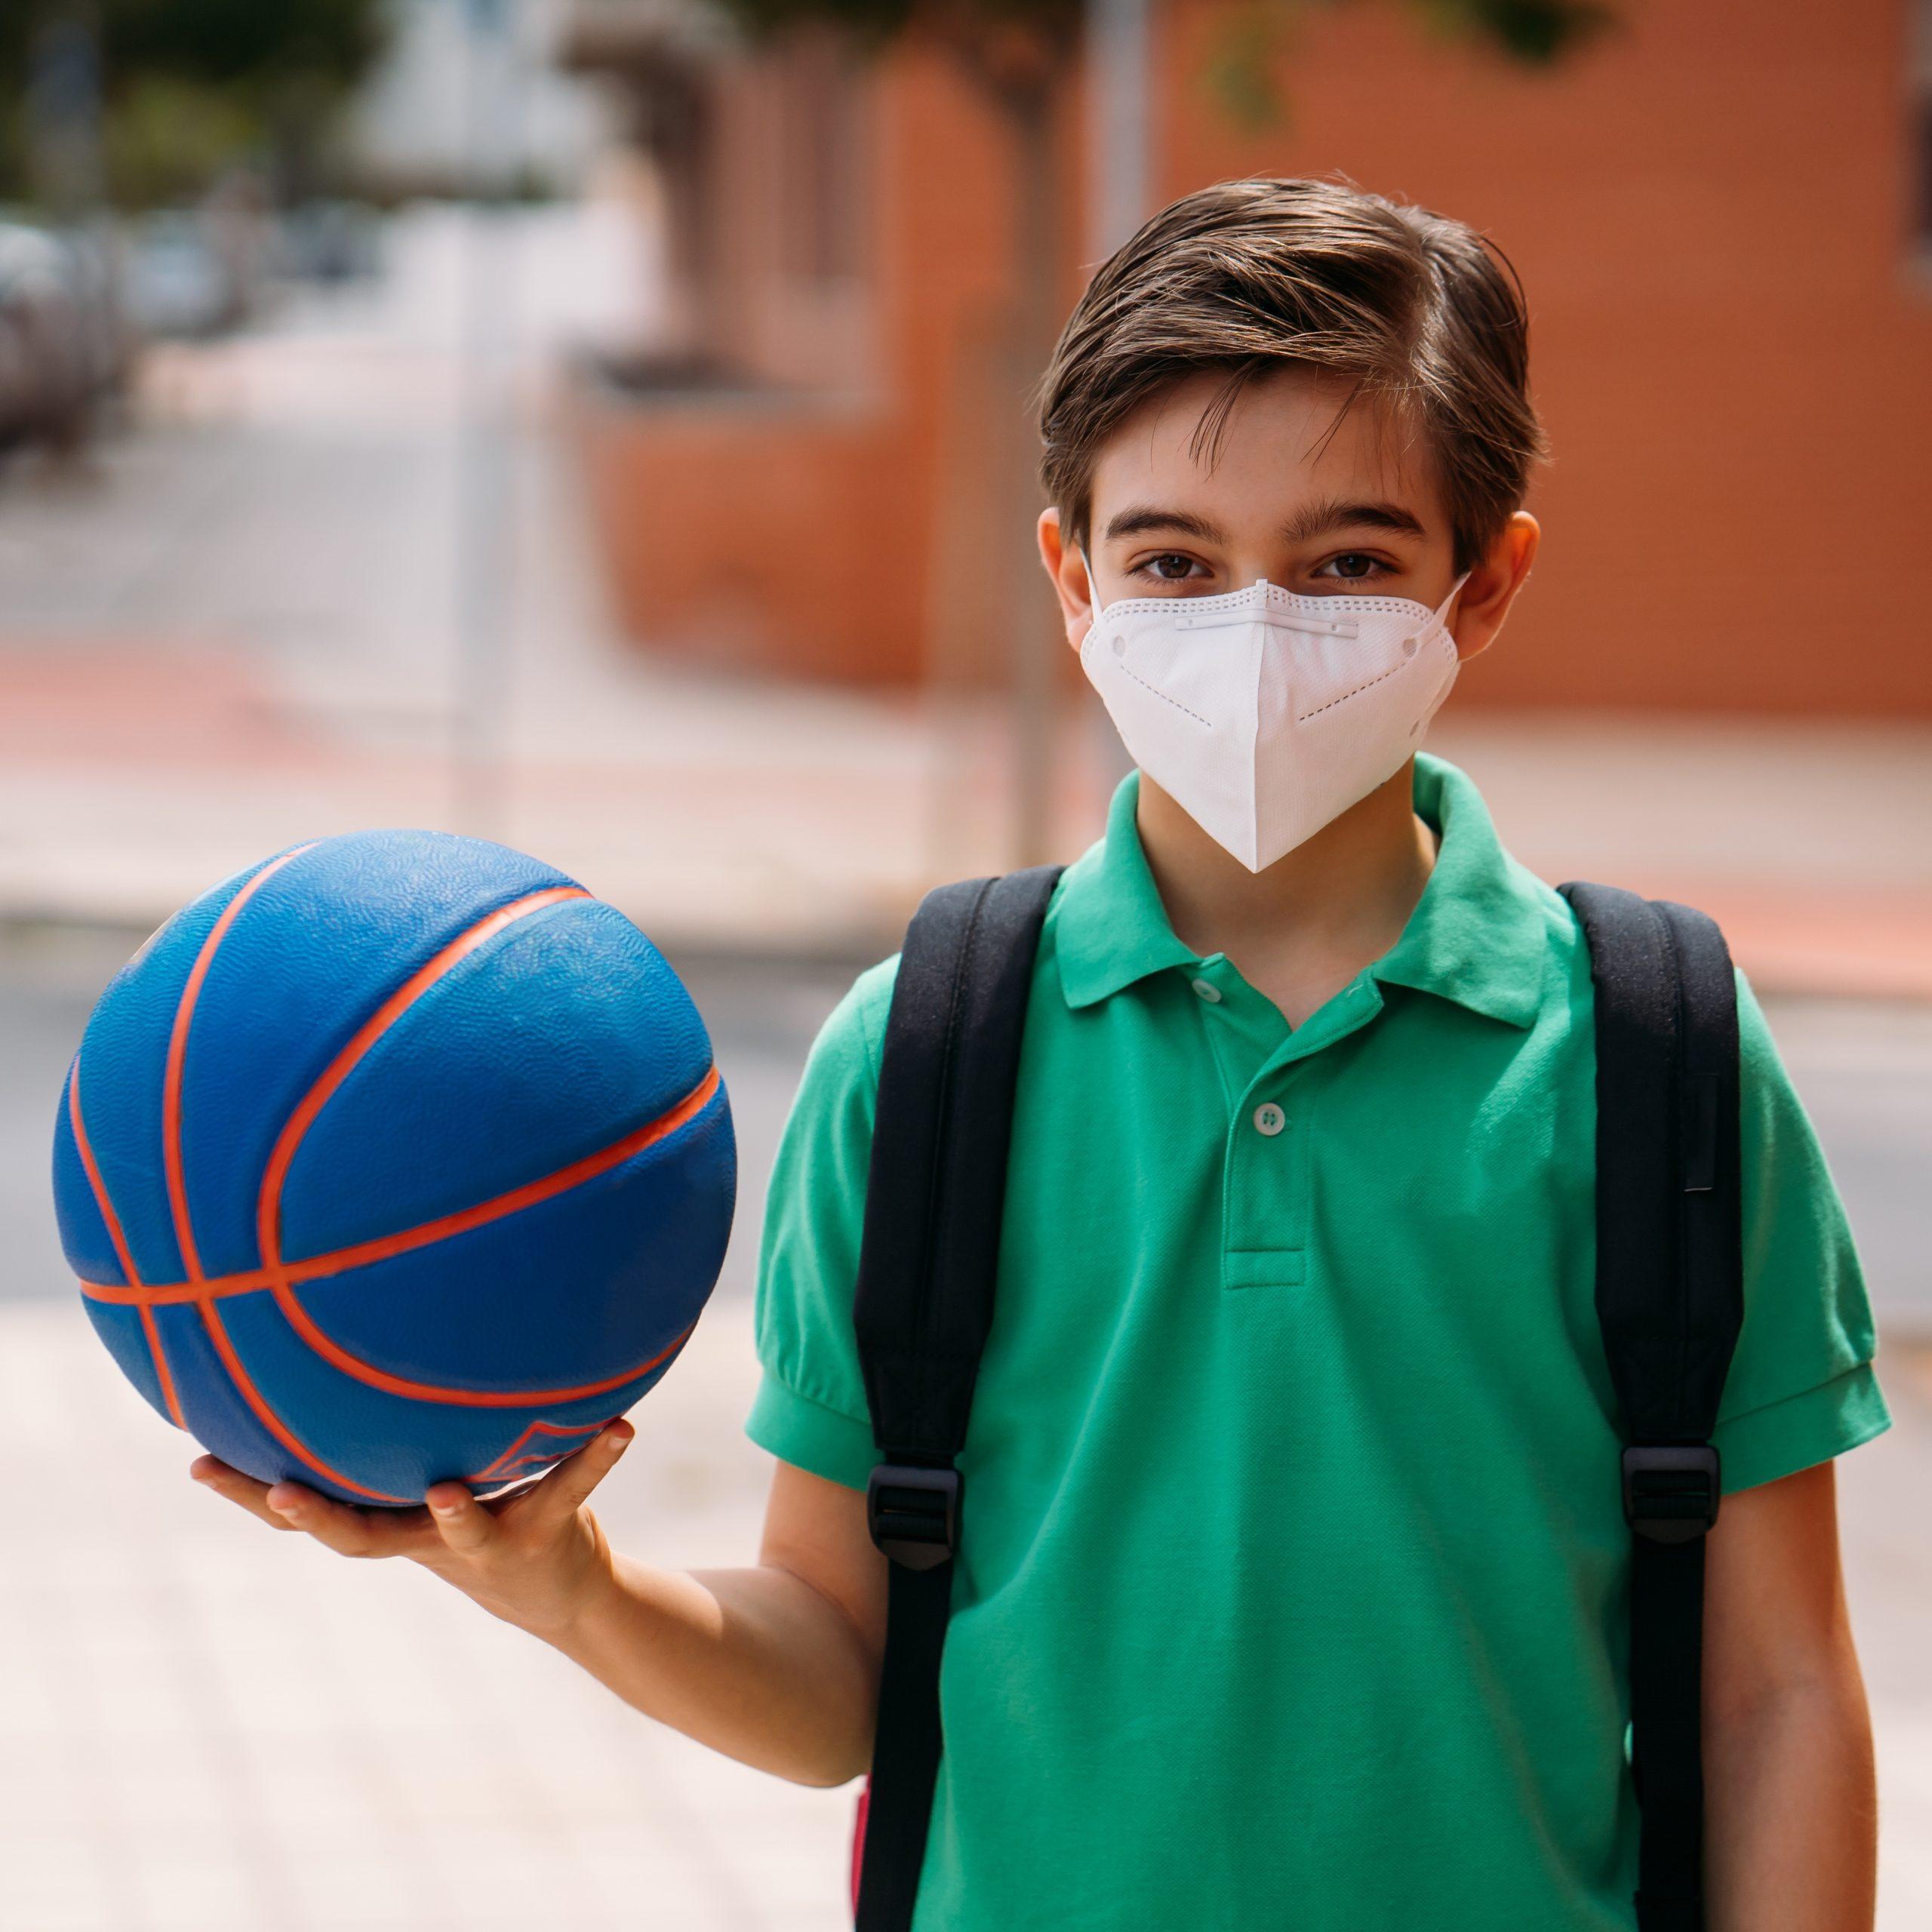 Während der Coronakrise gibt es insbesondere für Kinder weniger Möglichkeiten, Sport zu treiben.